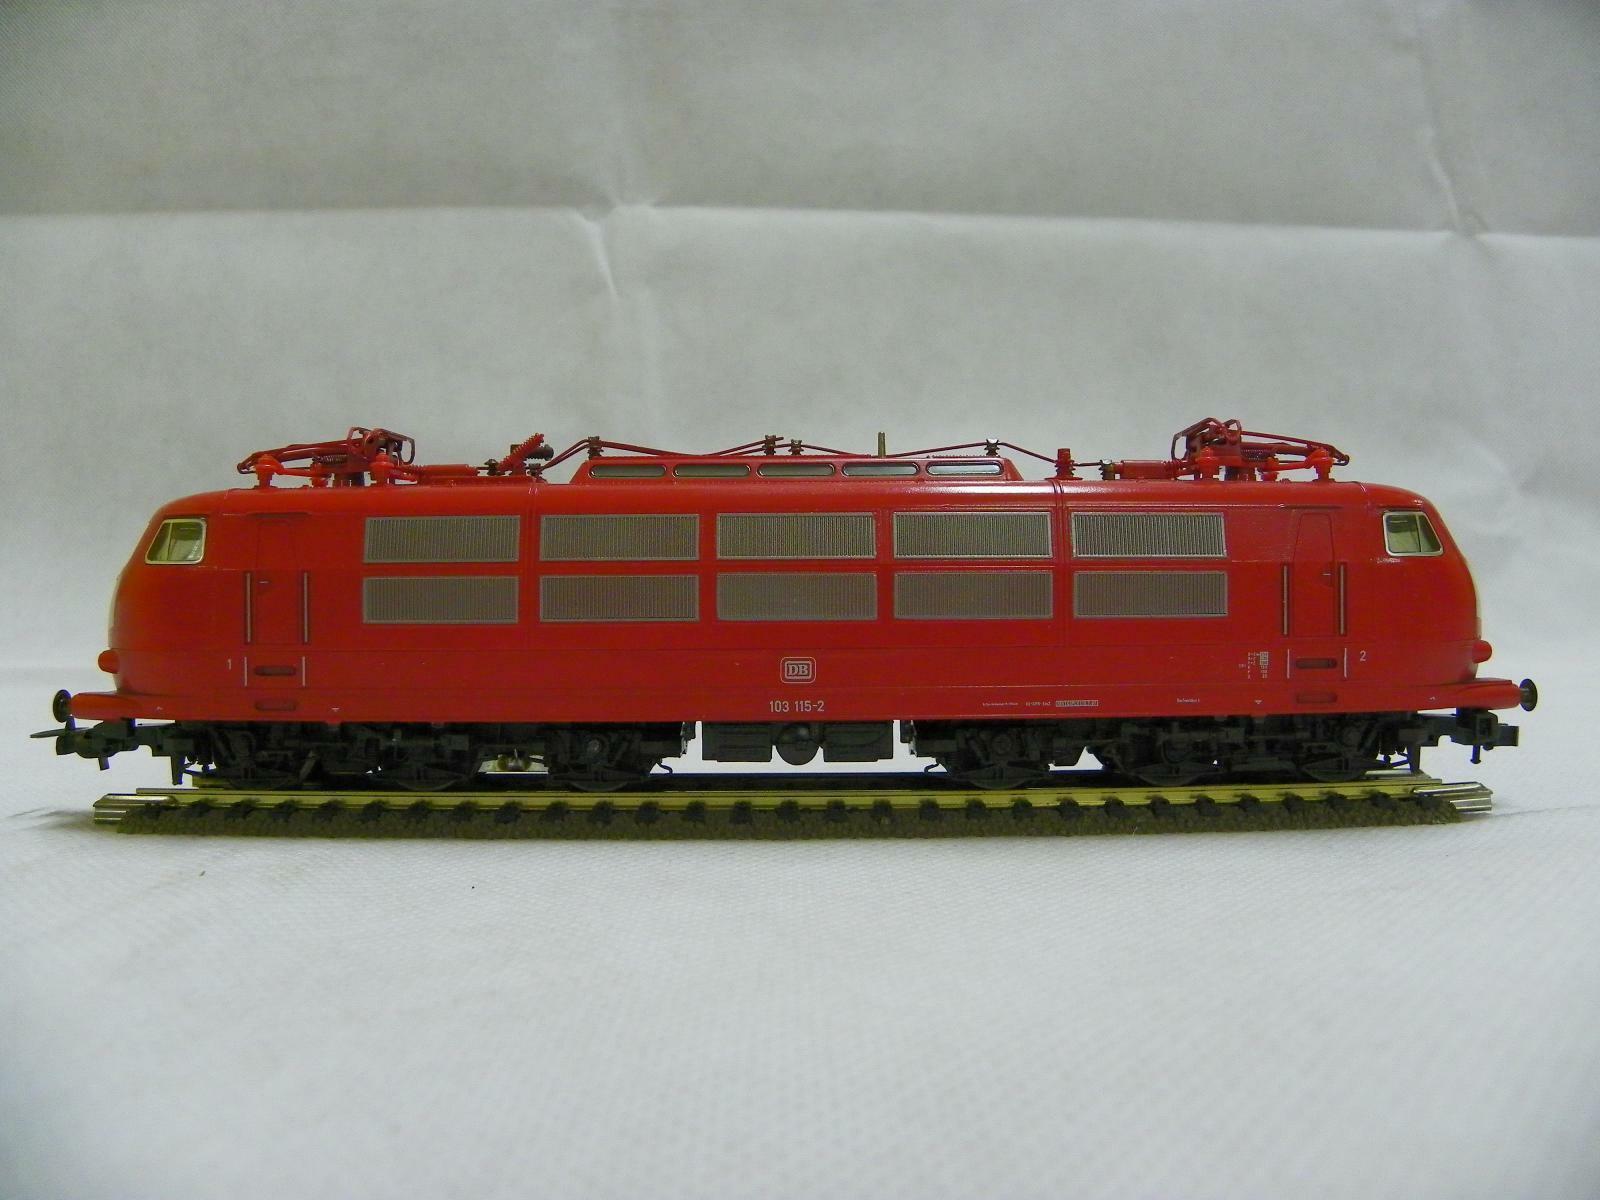 Locomotora Electrica Fleischmann 4377 H0 CC DB br 103.1